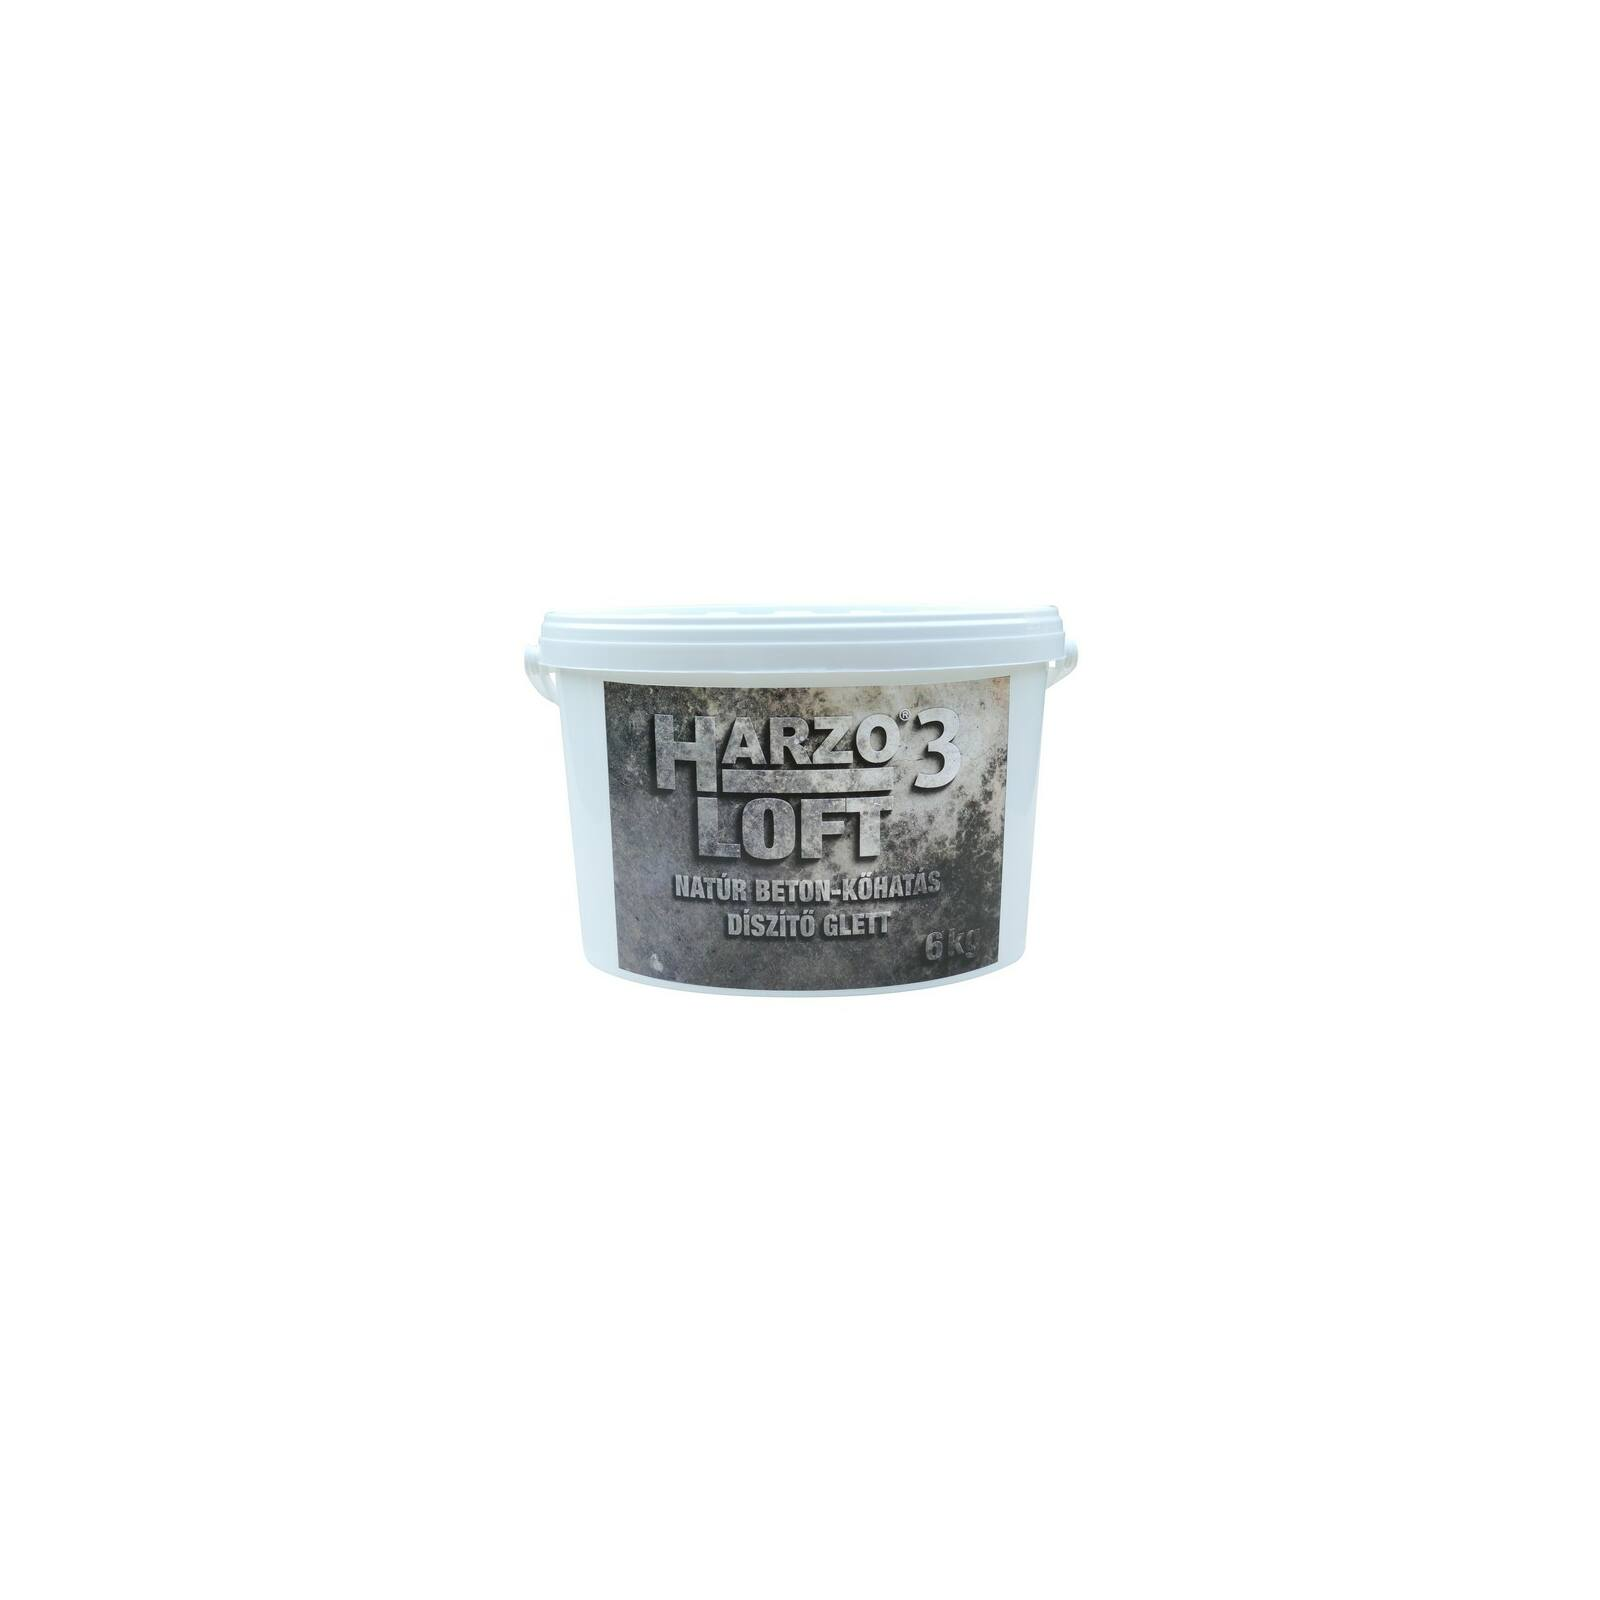 HARZO 3 LOFT Natúr beton-kőhatás díszítő glett [6 kg]